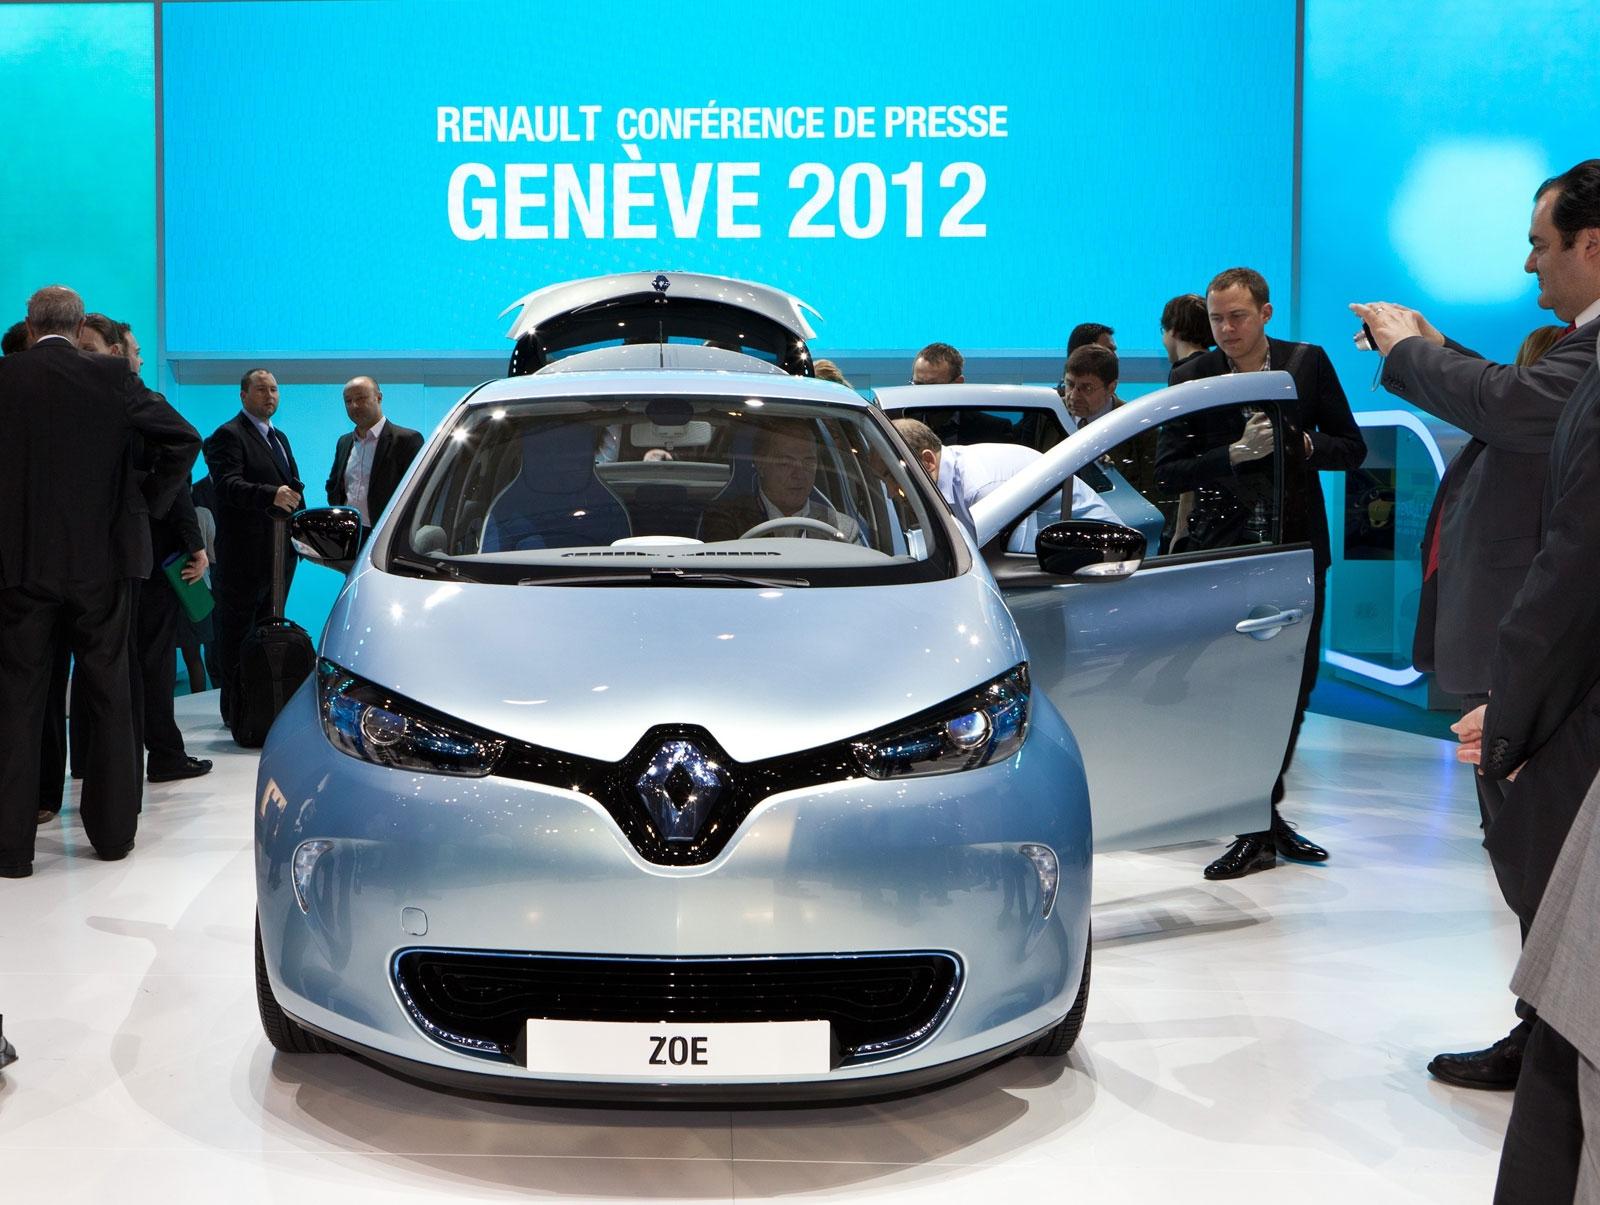 Renault-ZOE-debuts-at-Geneva-2012